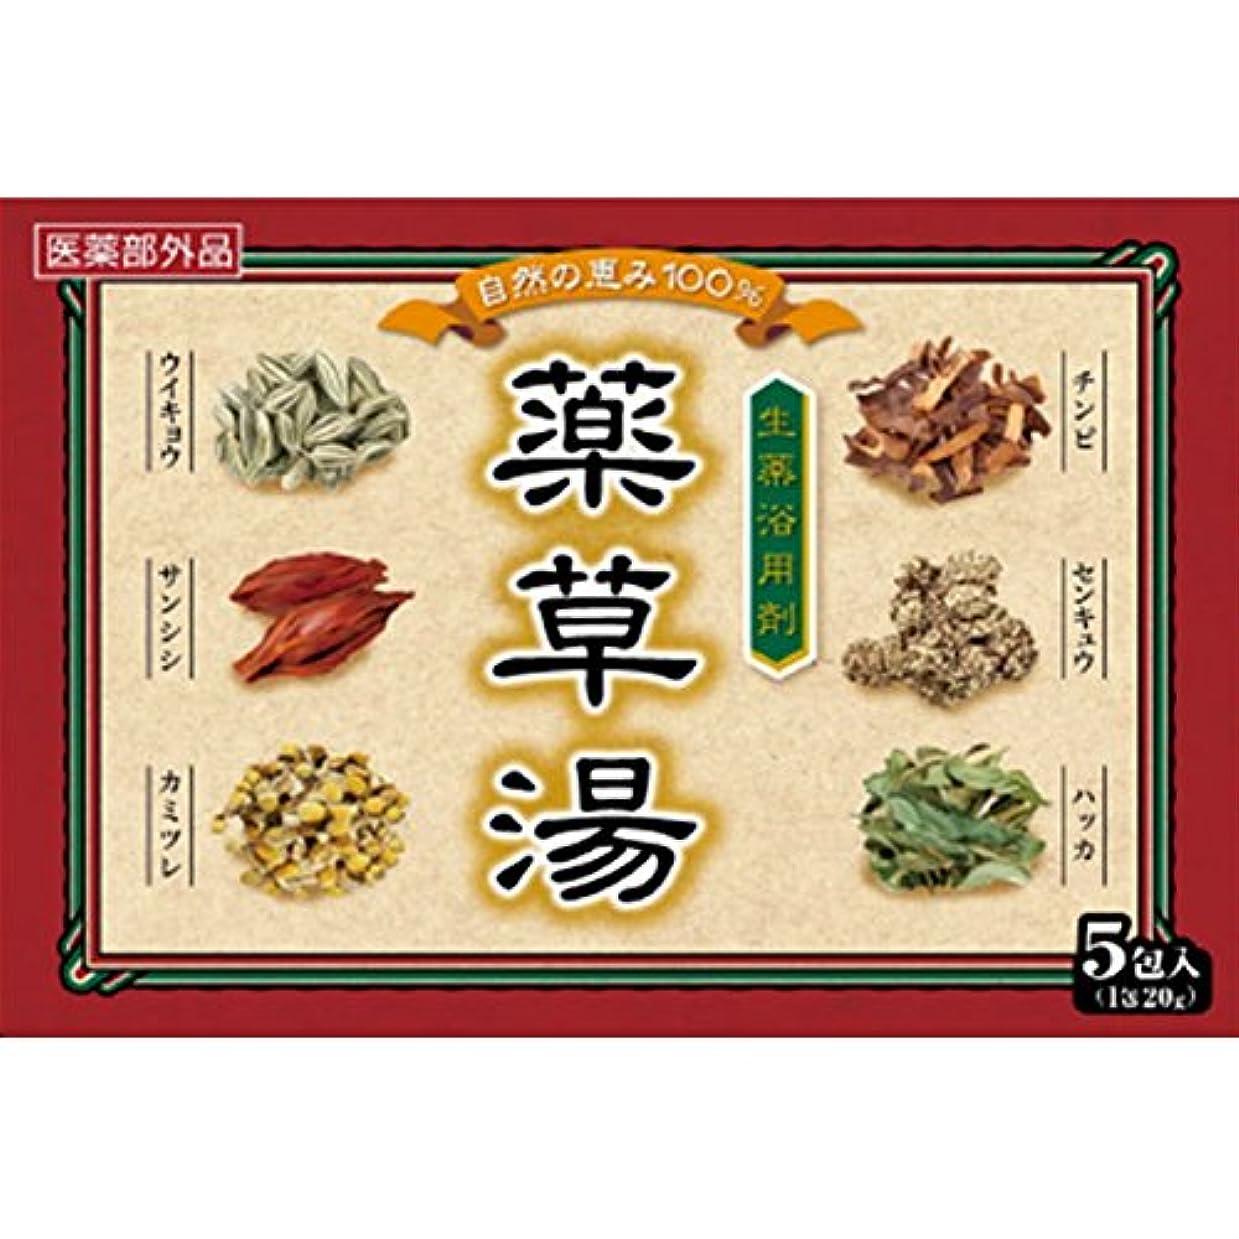 忌避剤ジャベスウィルソンキャンドル生薬浴用剤 薬草湯5包×5